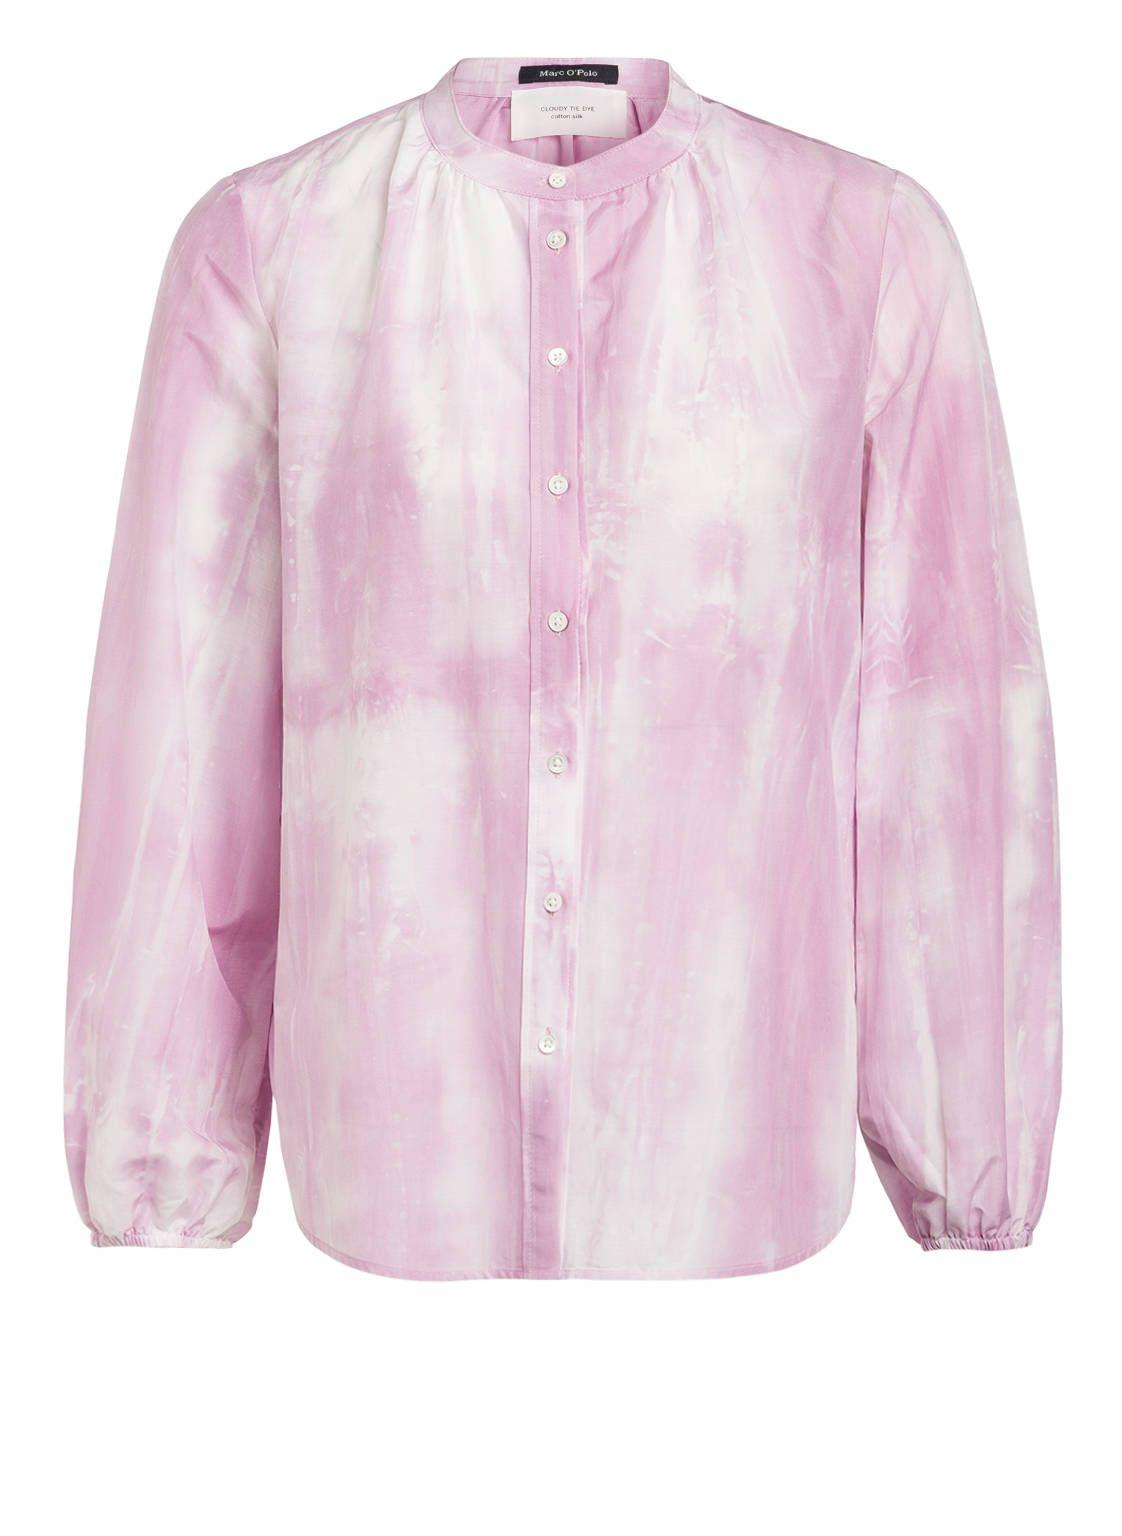 Bluse mit Seide von Marc O'Polo bei Breuninger kaufen